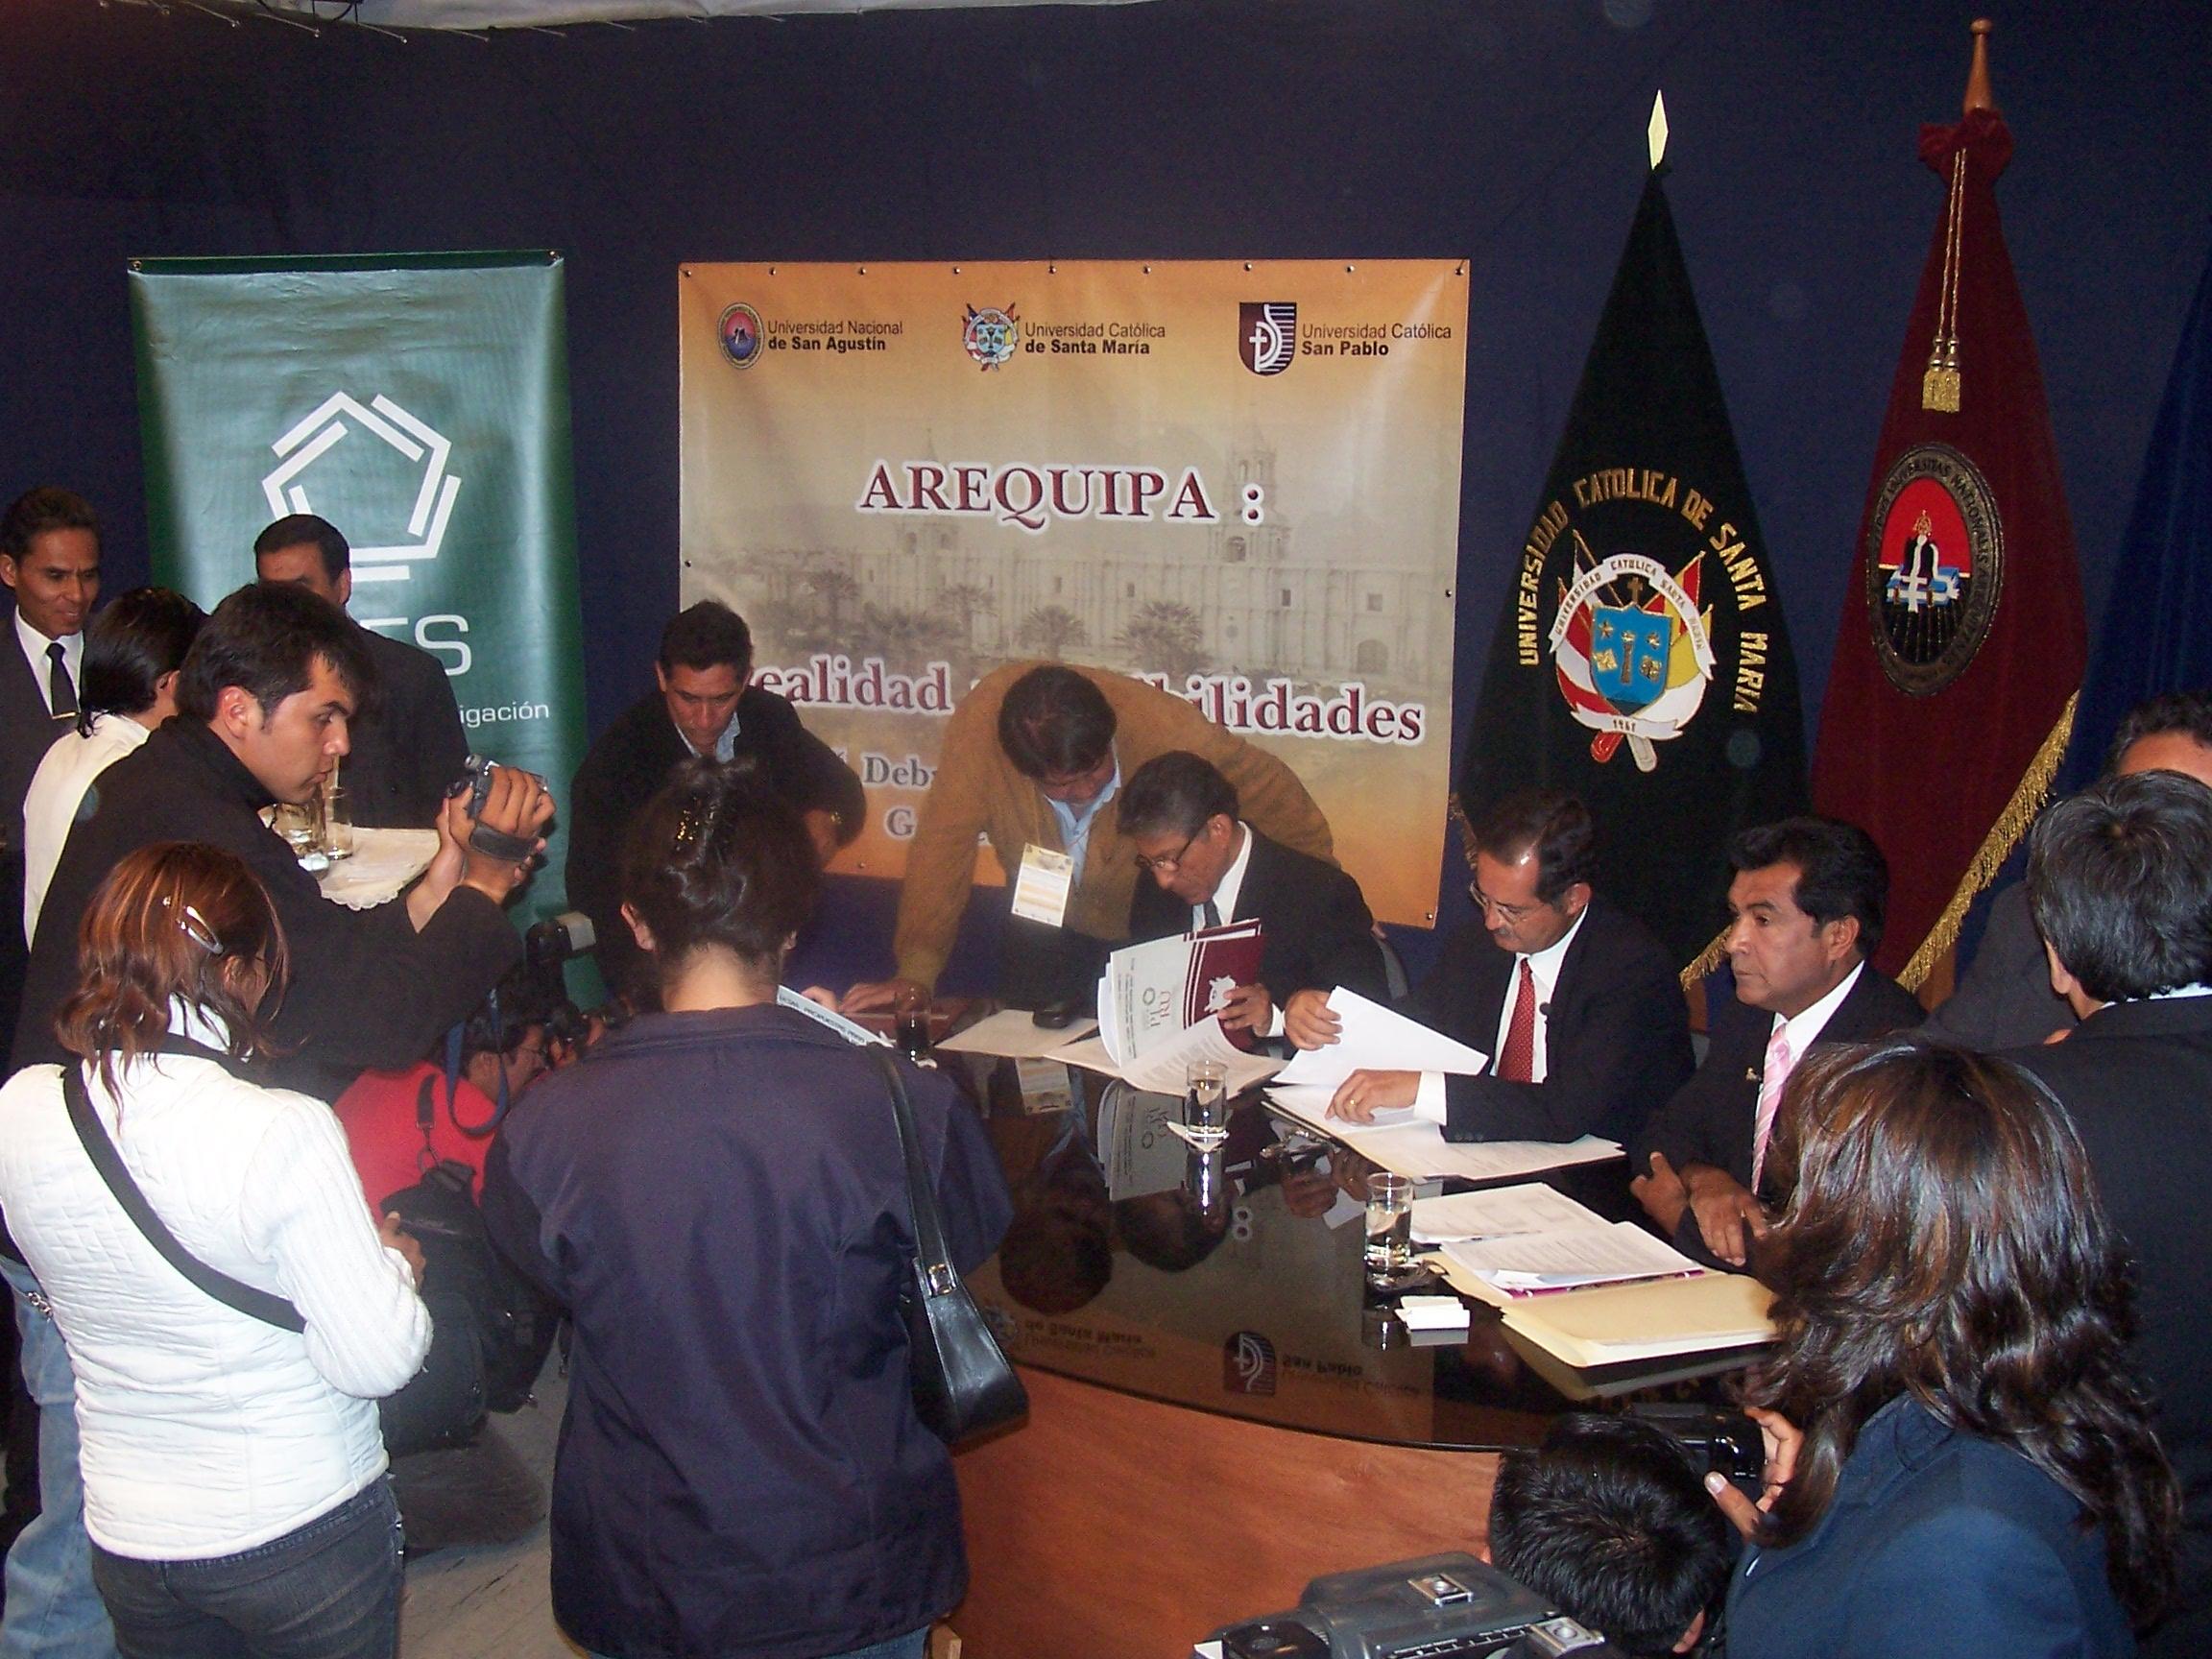 Elecciones regionales 2006